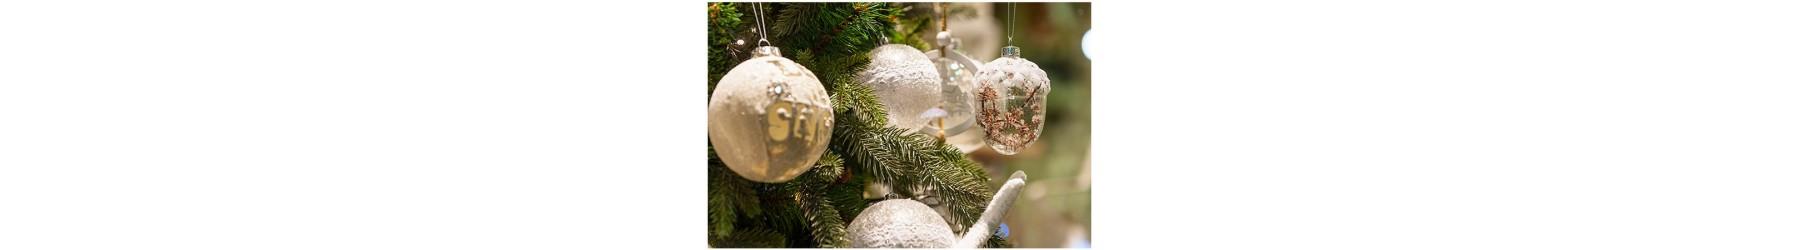 Χριστουγεννιάτικες μπάλες σε διάφορα σχέδια και μεγέθη για το στολισμό